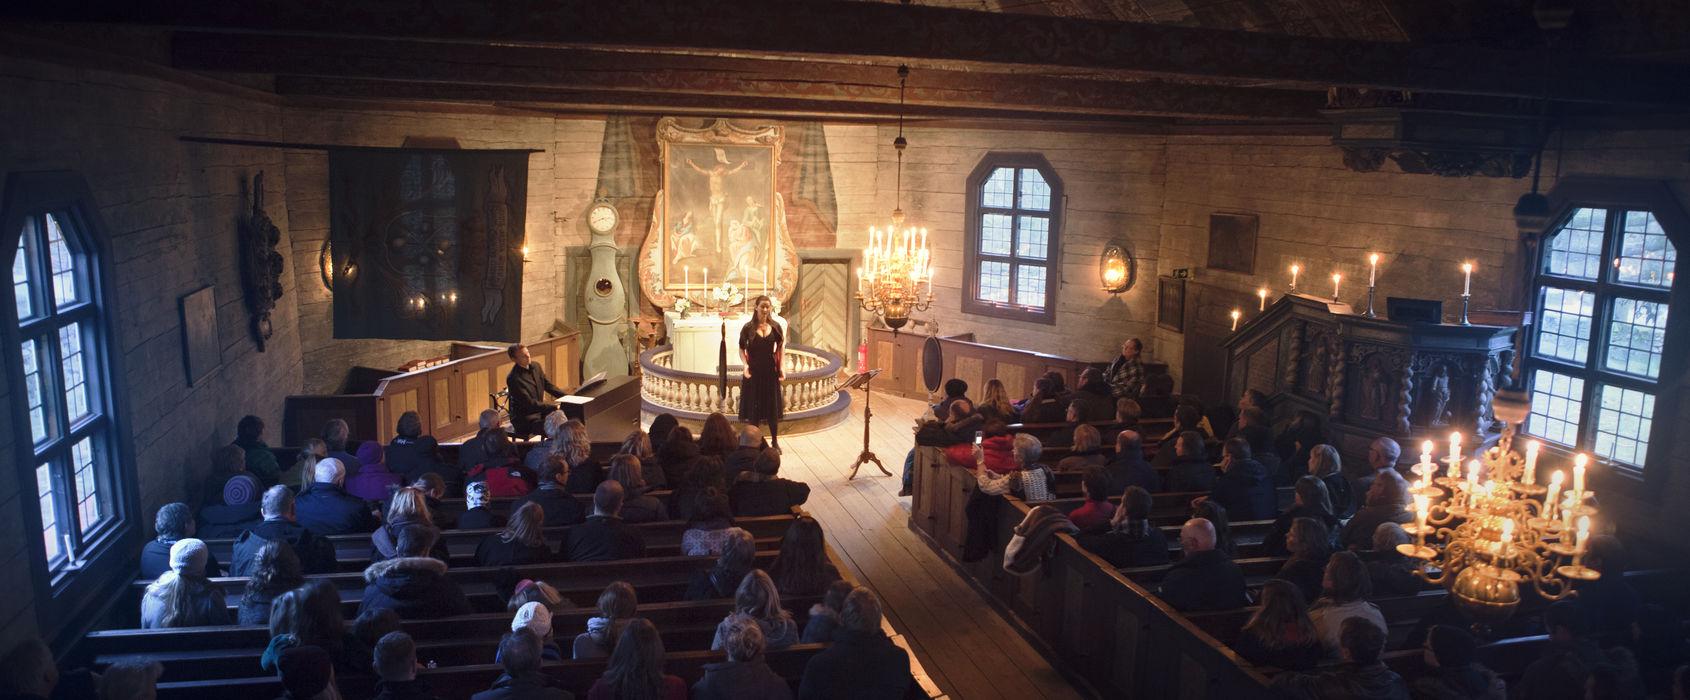 Konsert i Seglora kyrka